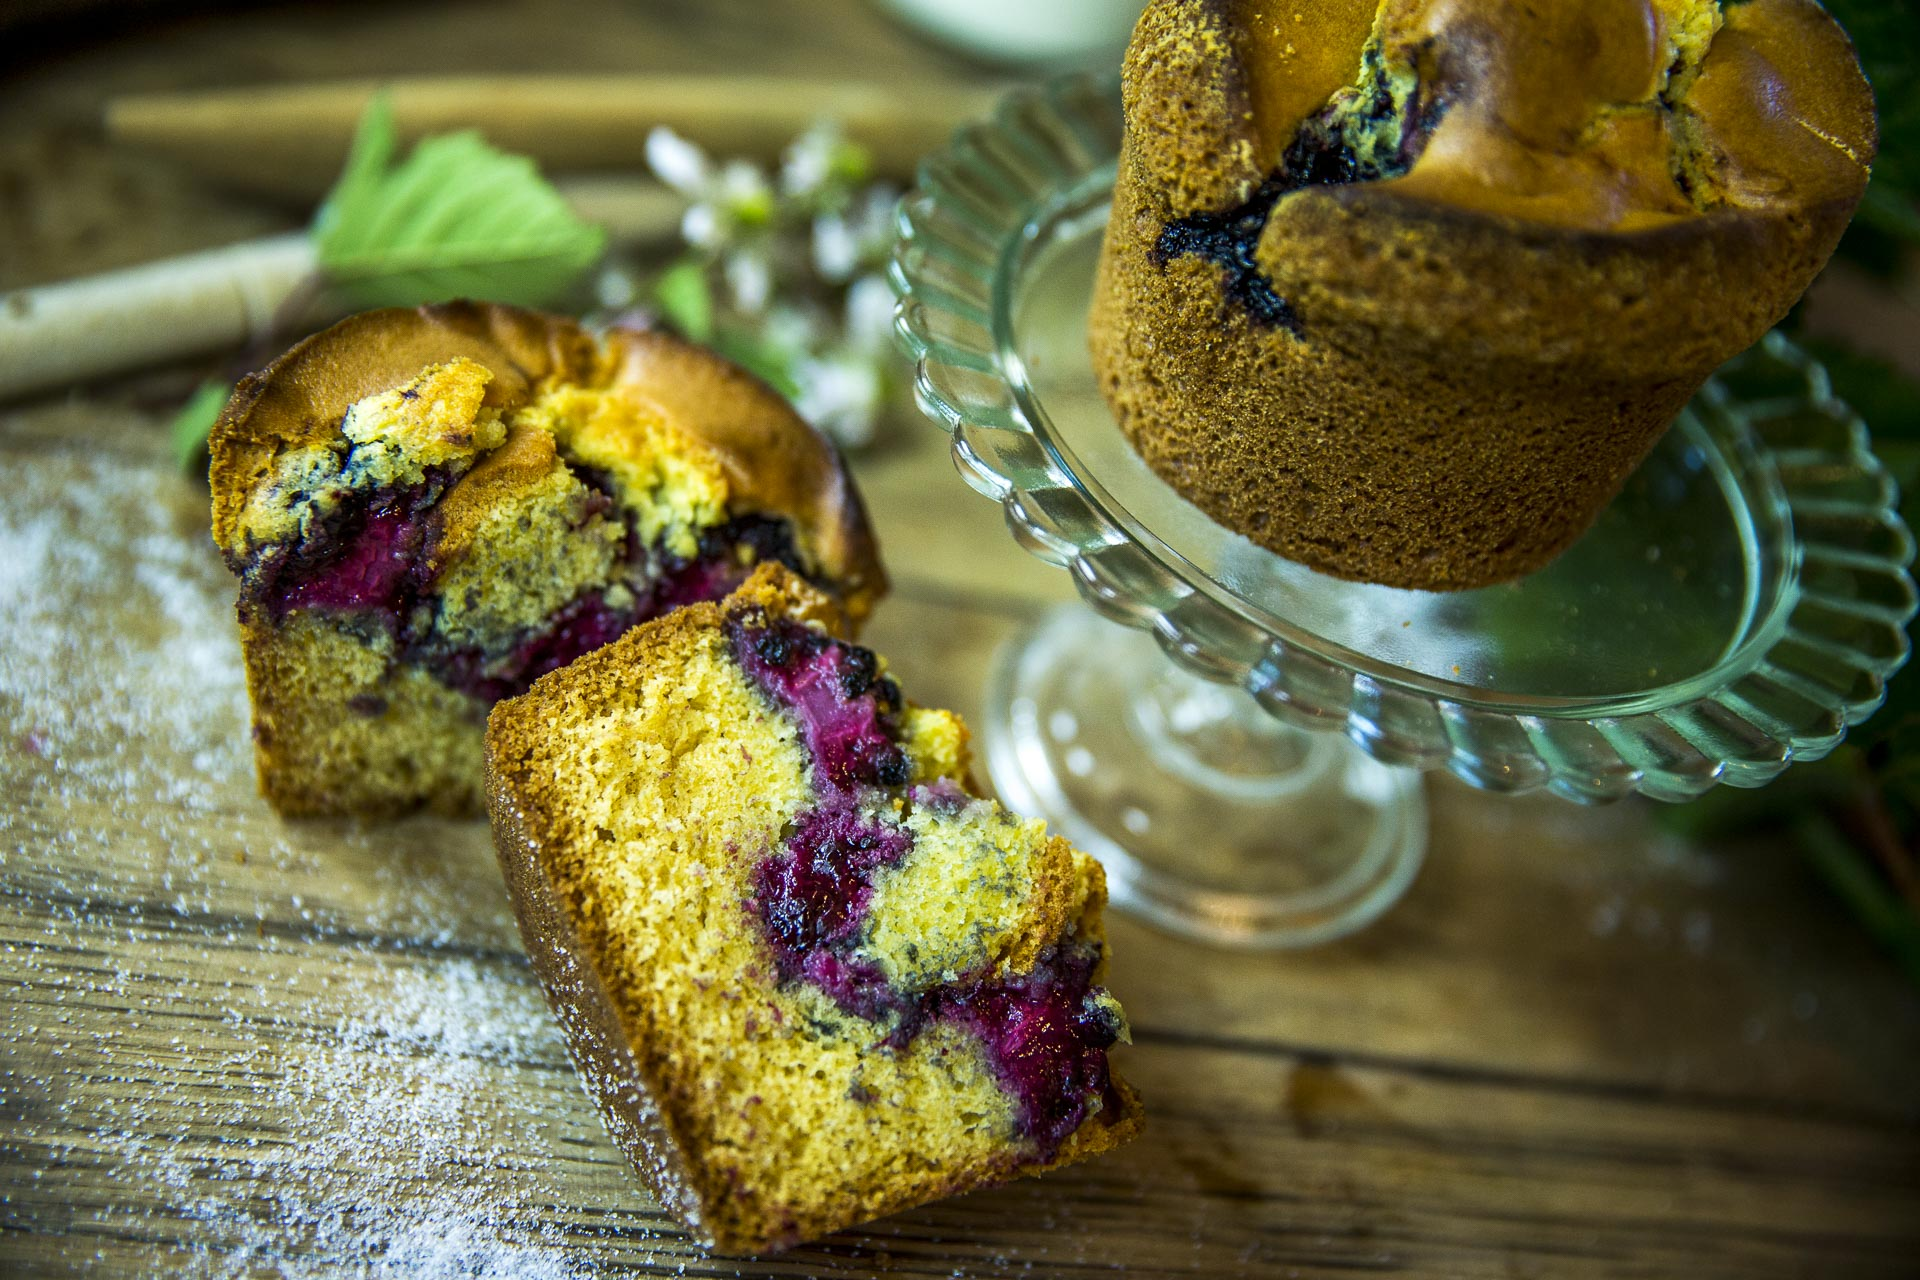 Les recettes - Muffins à la mure